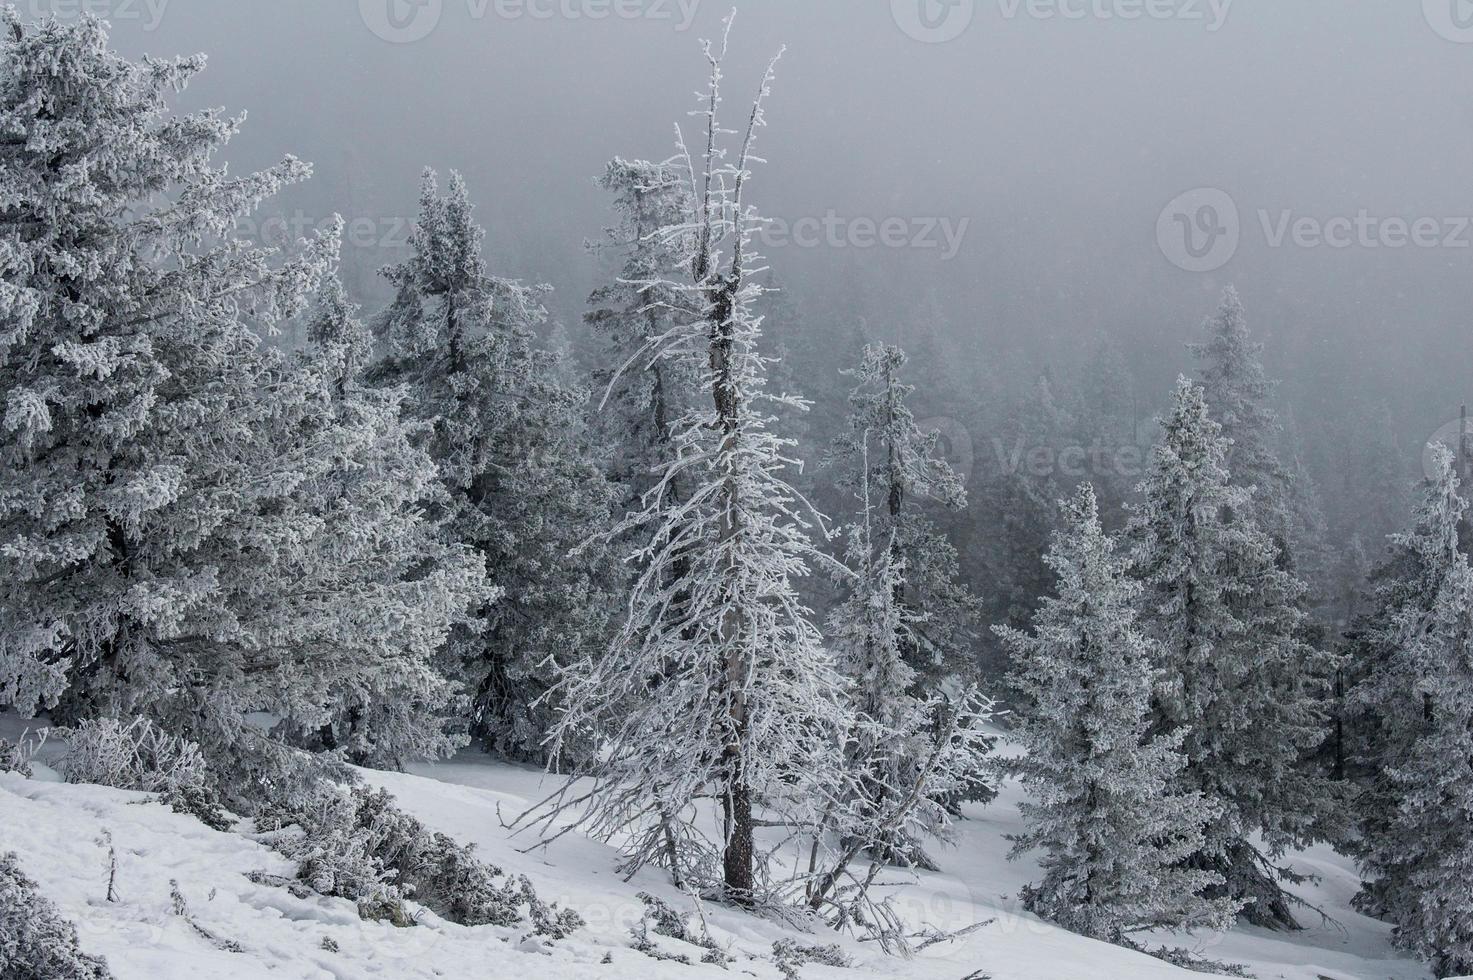 floresta coberta de neve nas encostas da montanha. foto